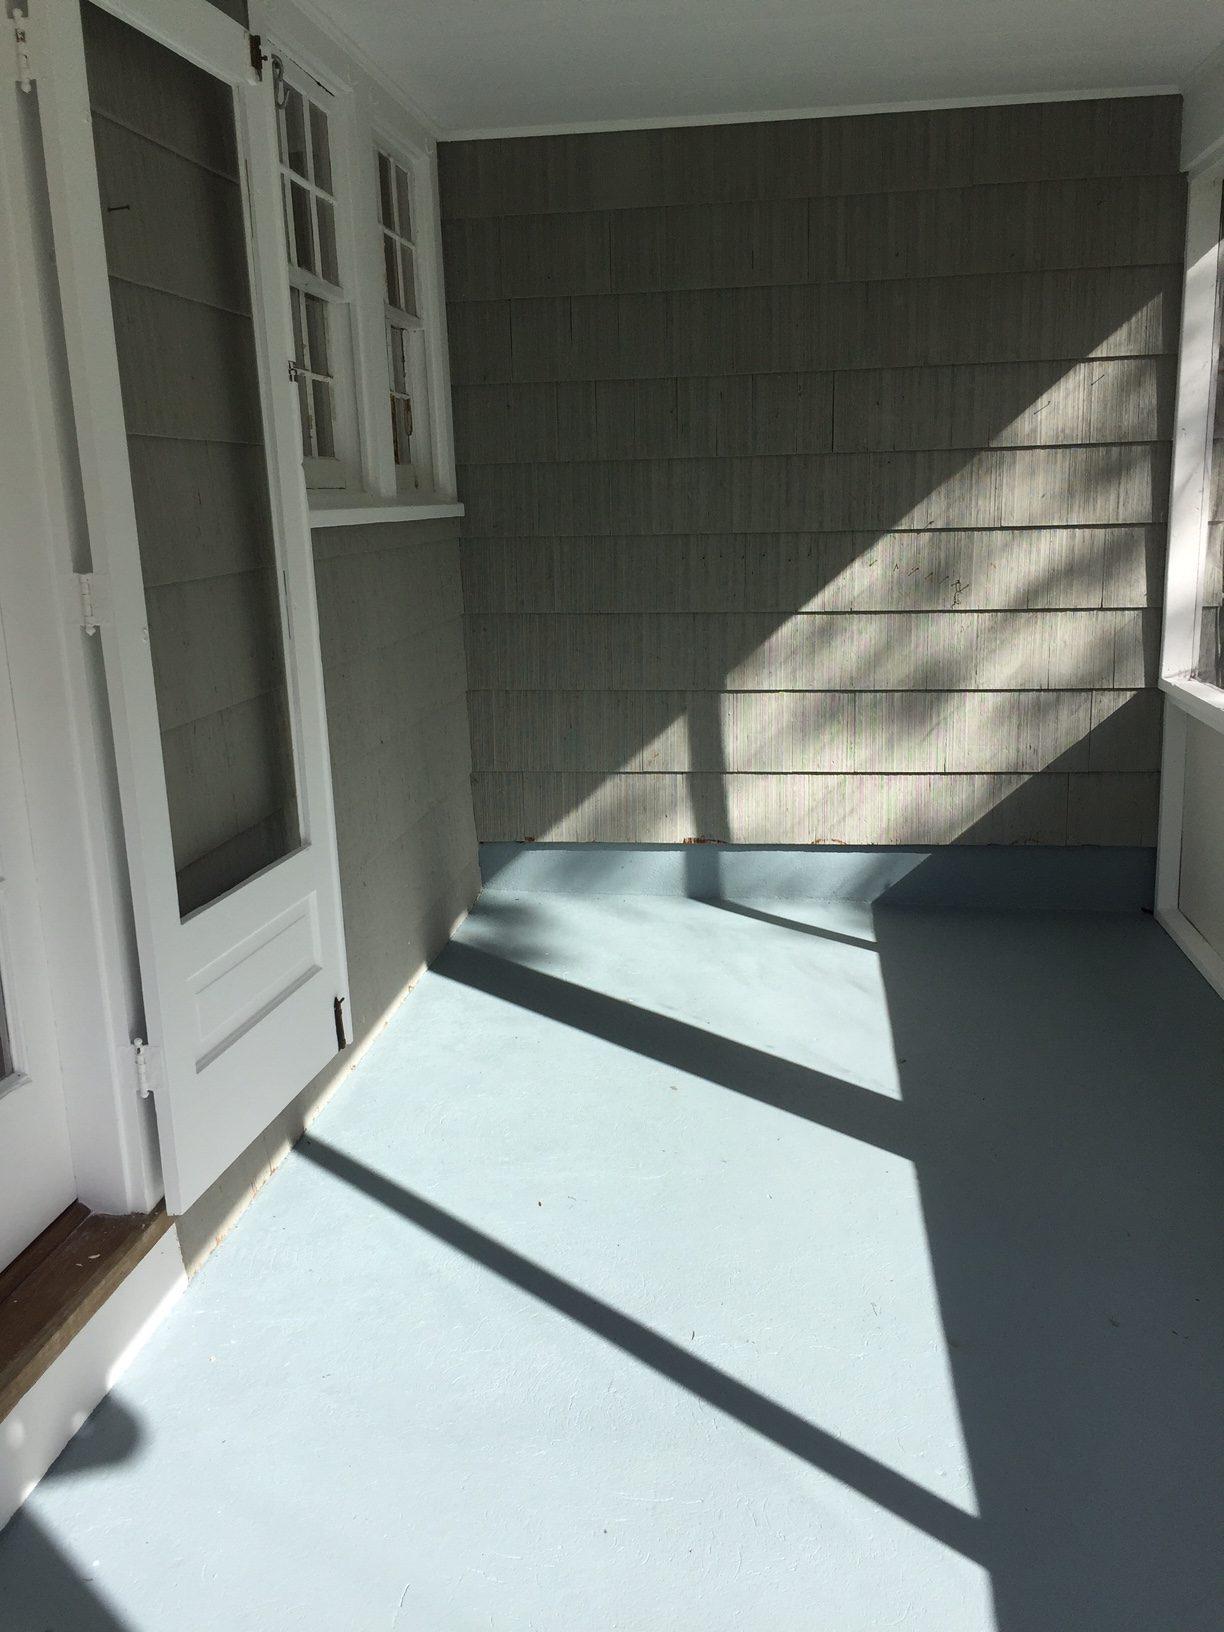 4 - Porch